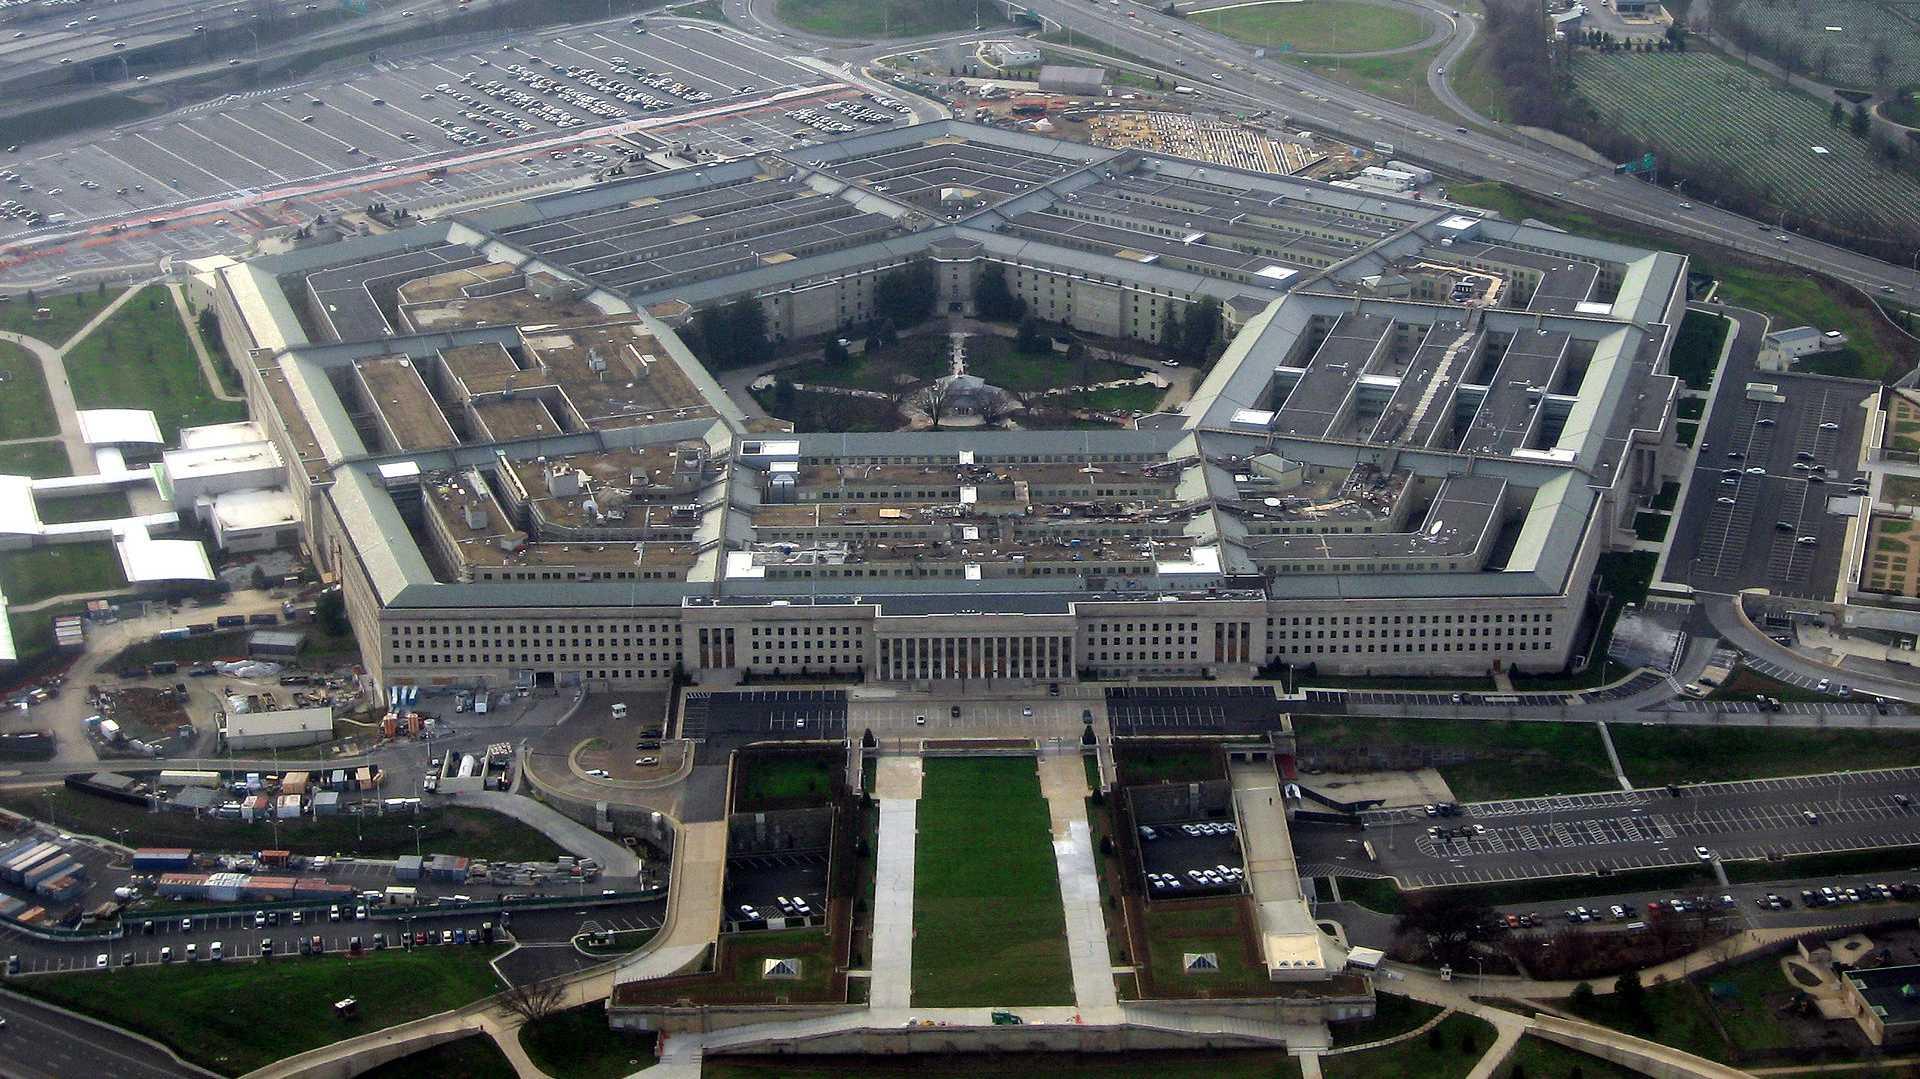 Mitarbeiter von Microsoft und Amazon kritisieren Beteiligung an Militär- und Polizeiprojekten